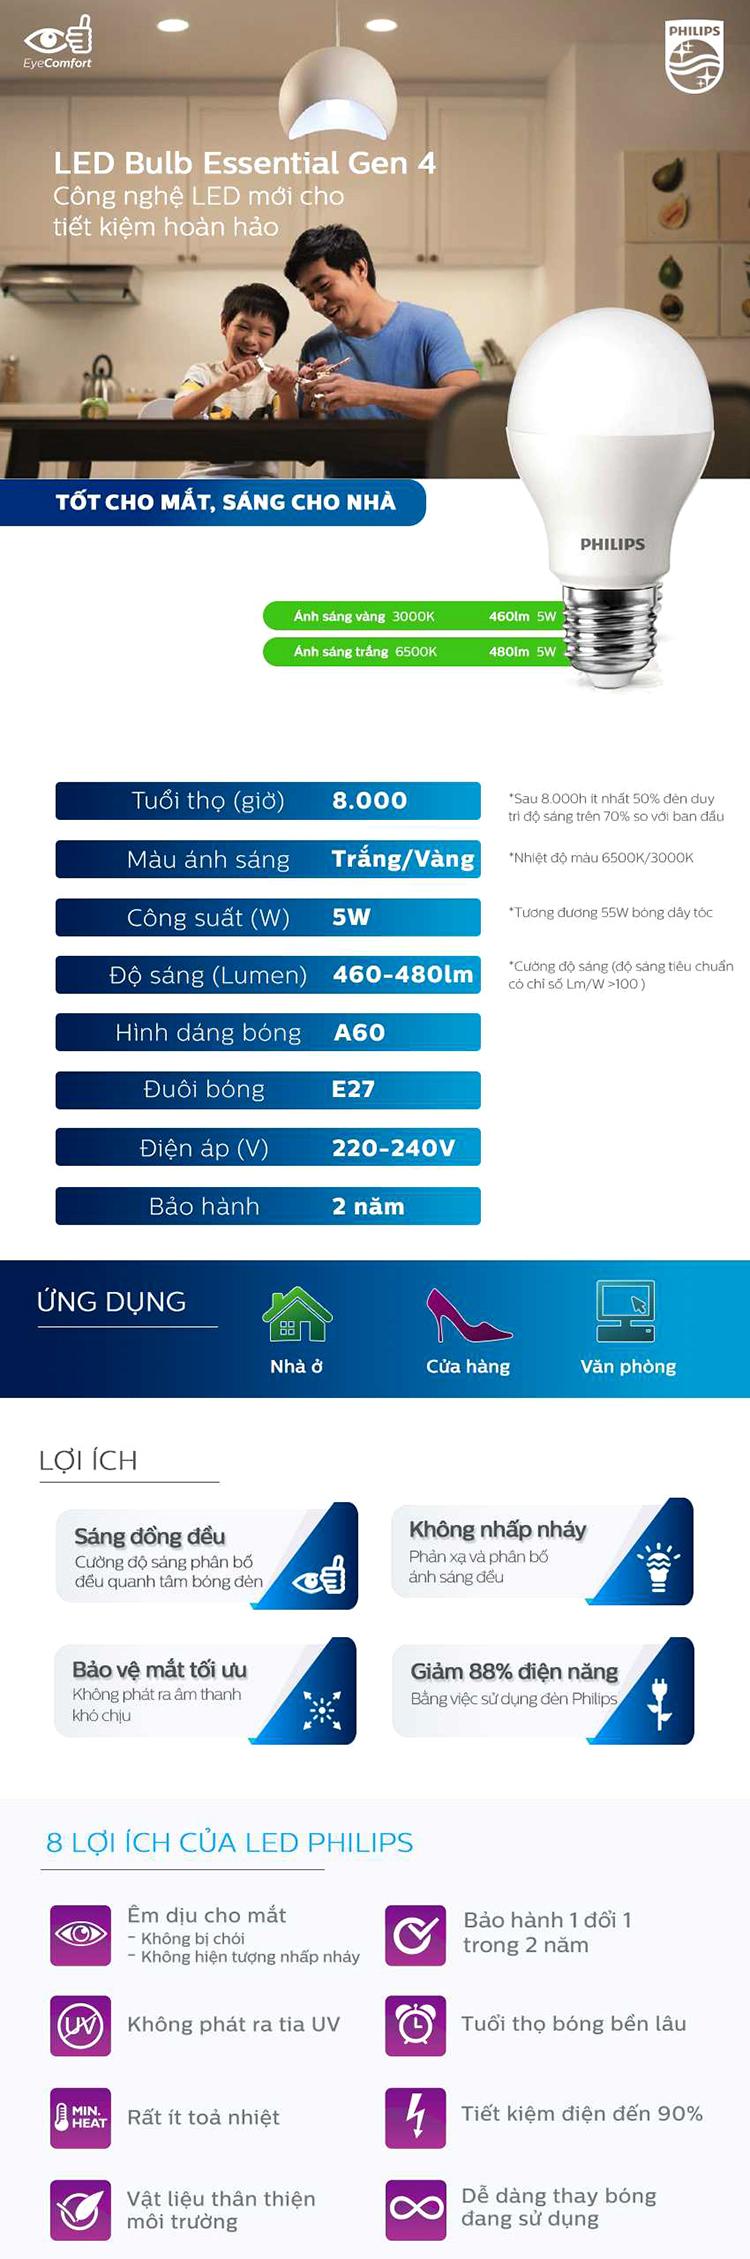 Bóng đèn Philips LED Essential Gen4 5W 6500K E27 A60 - Ánh sáng trắng